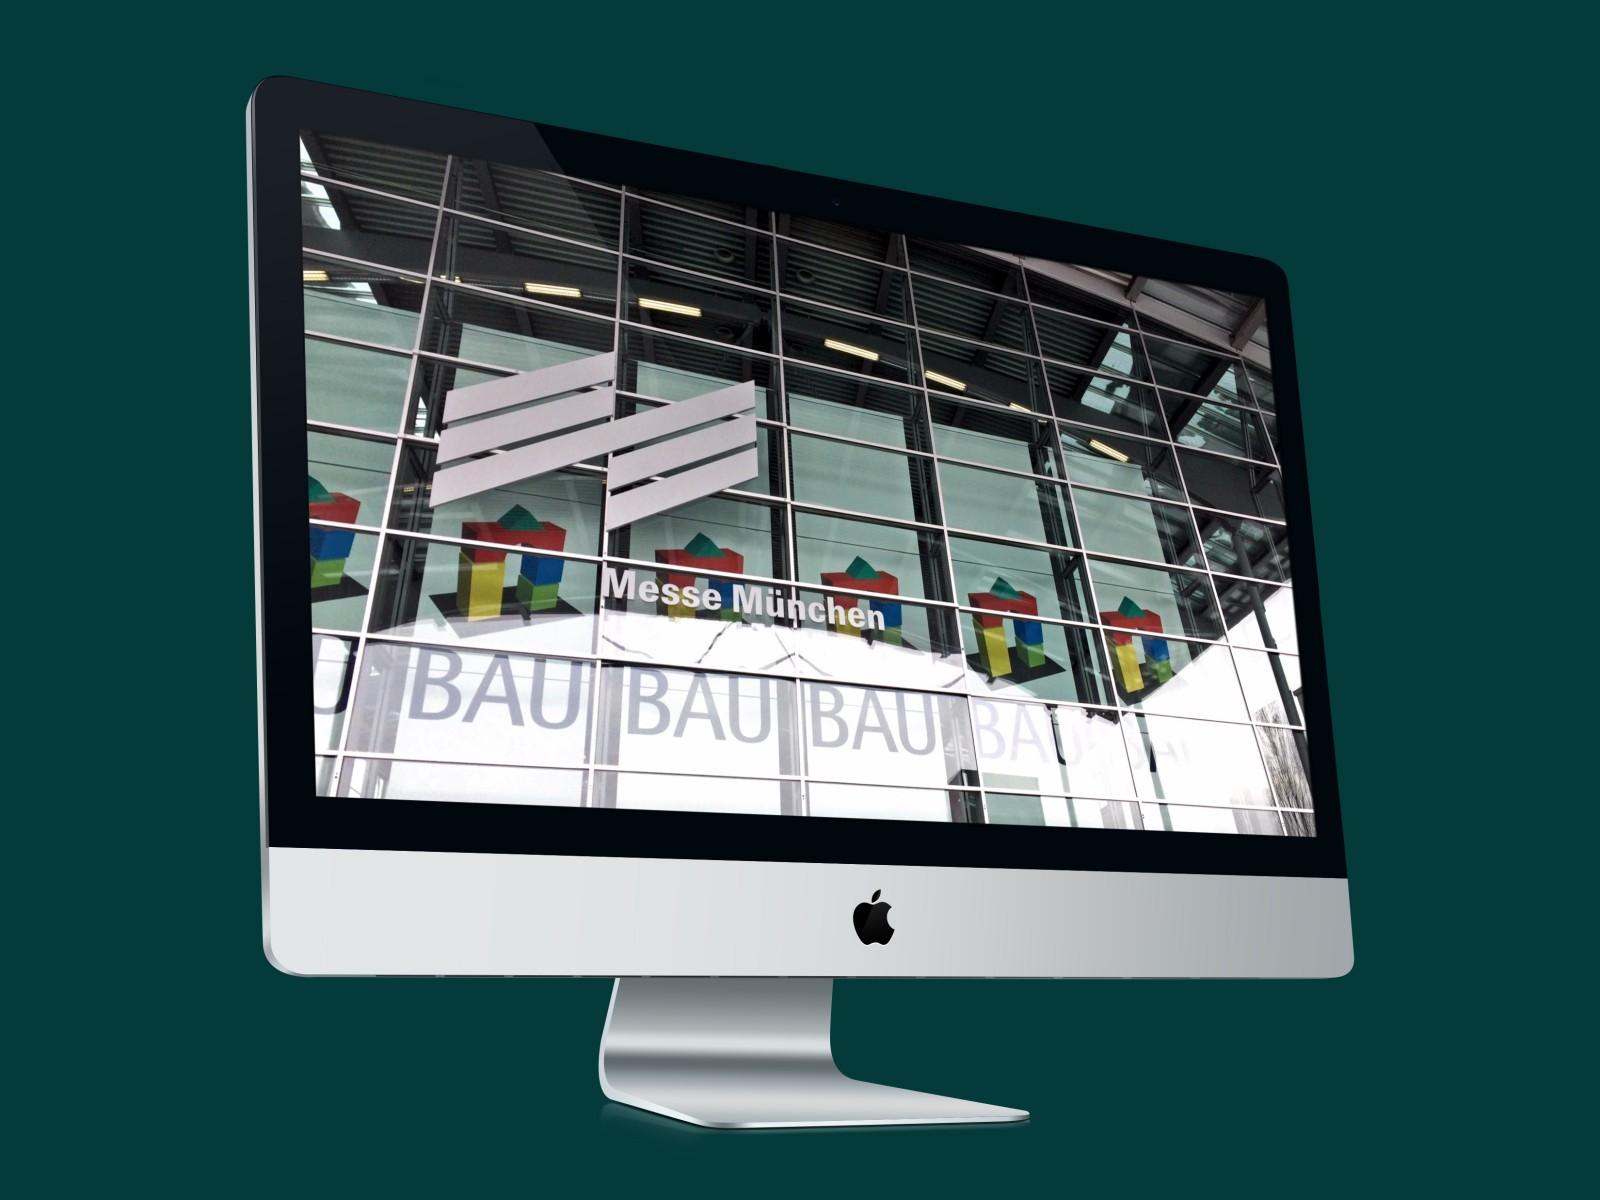 Die BAU 2021 findet am heimischen Rechner statt: Verfolgen Sie die Livestreams der BAU ONLINE im Netz (Collage/Foto: Internet-fuer-Architekten.de)